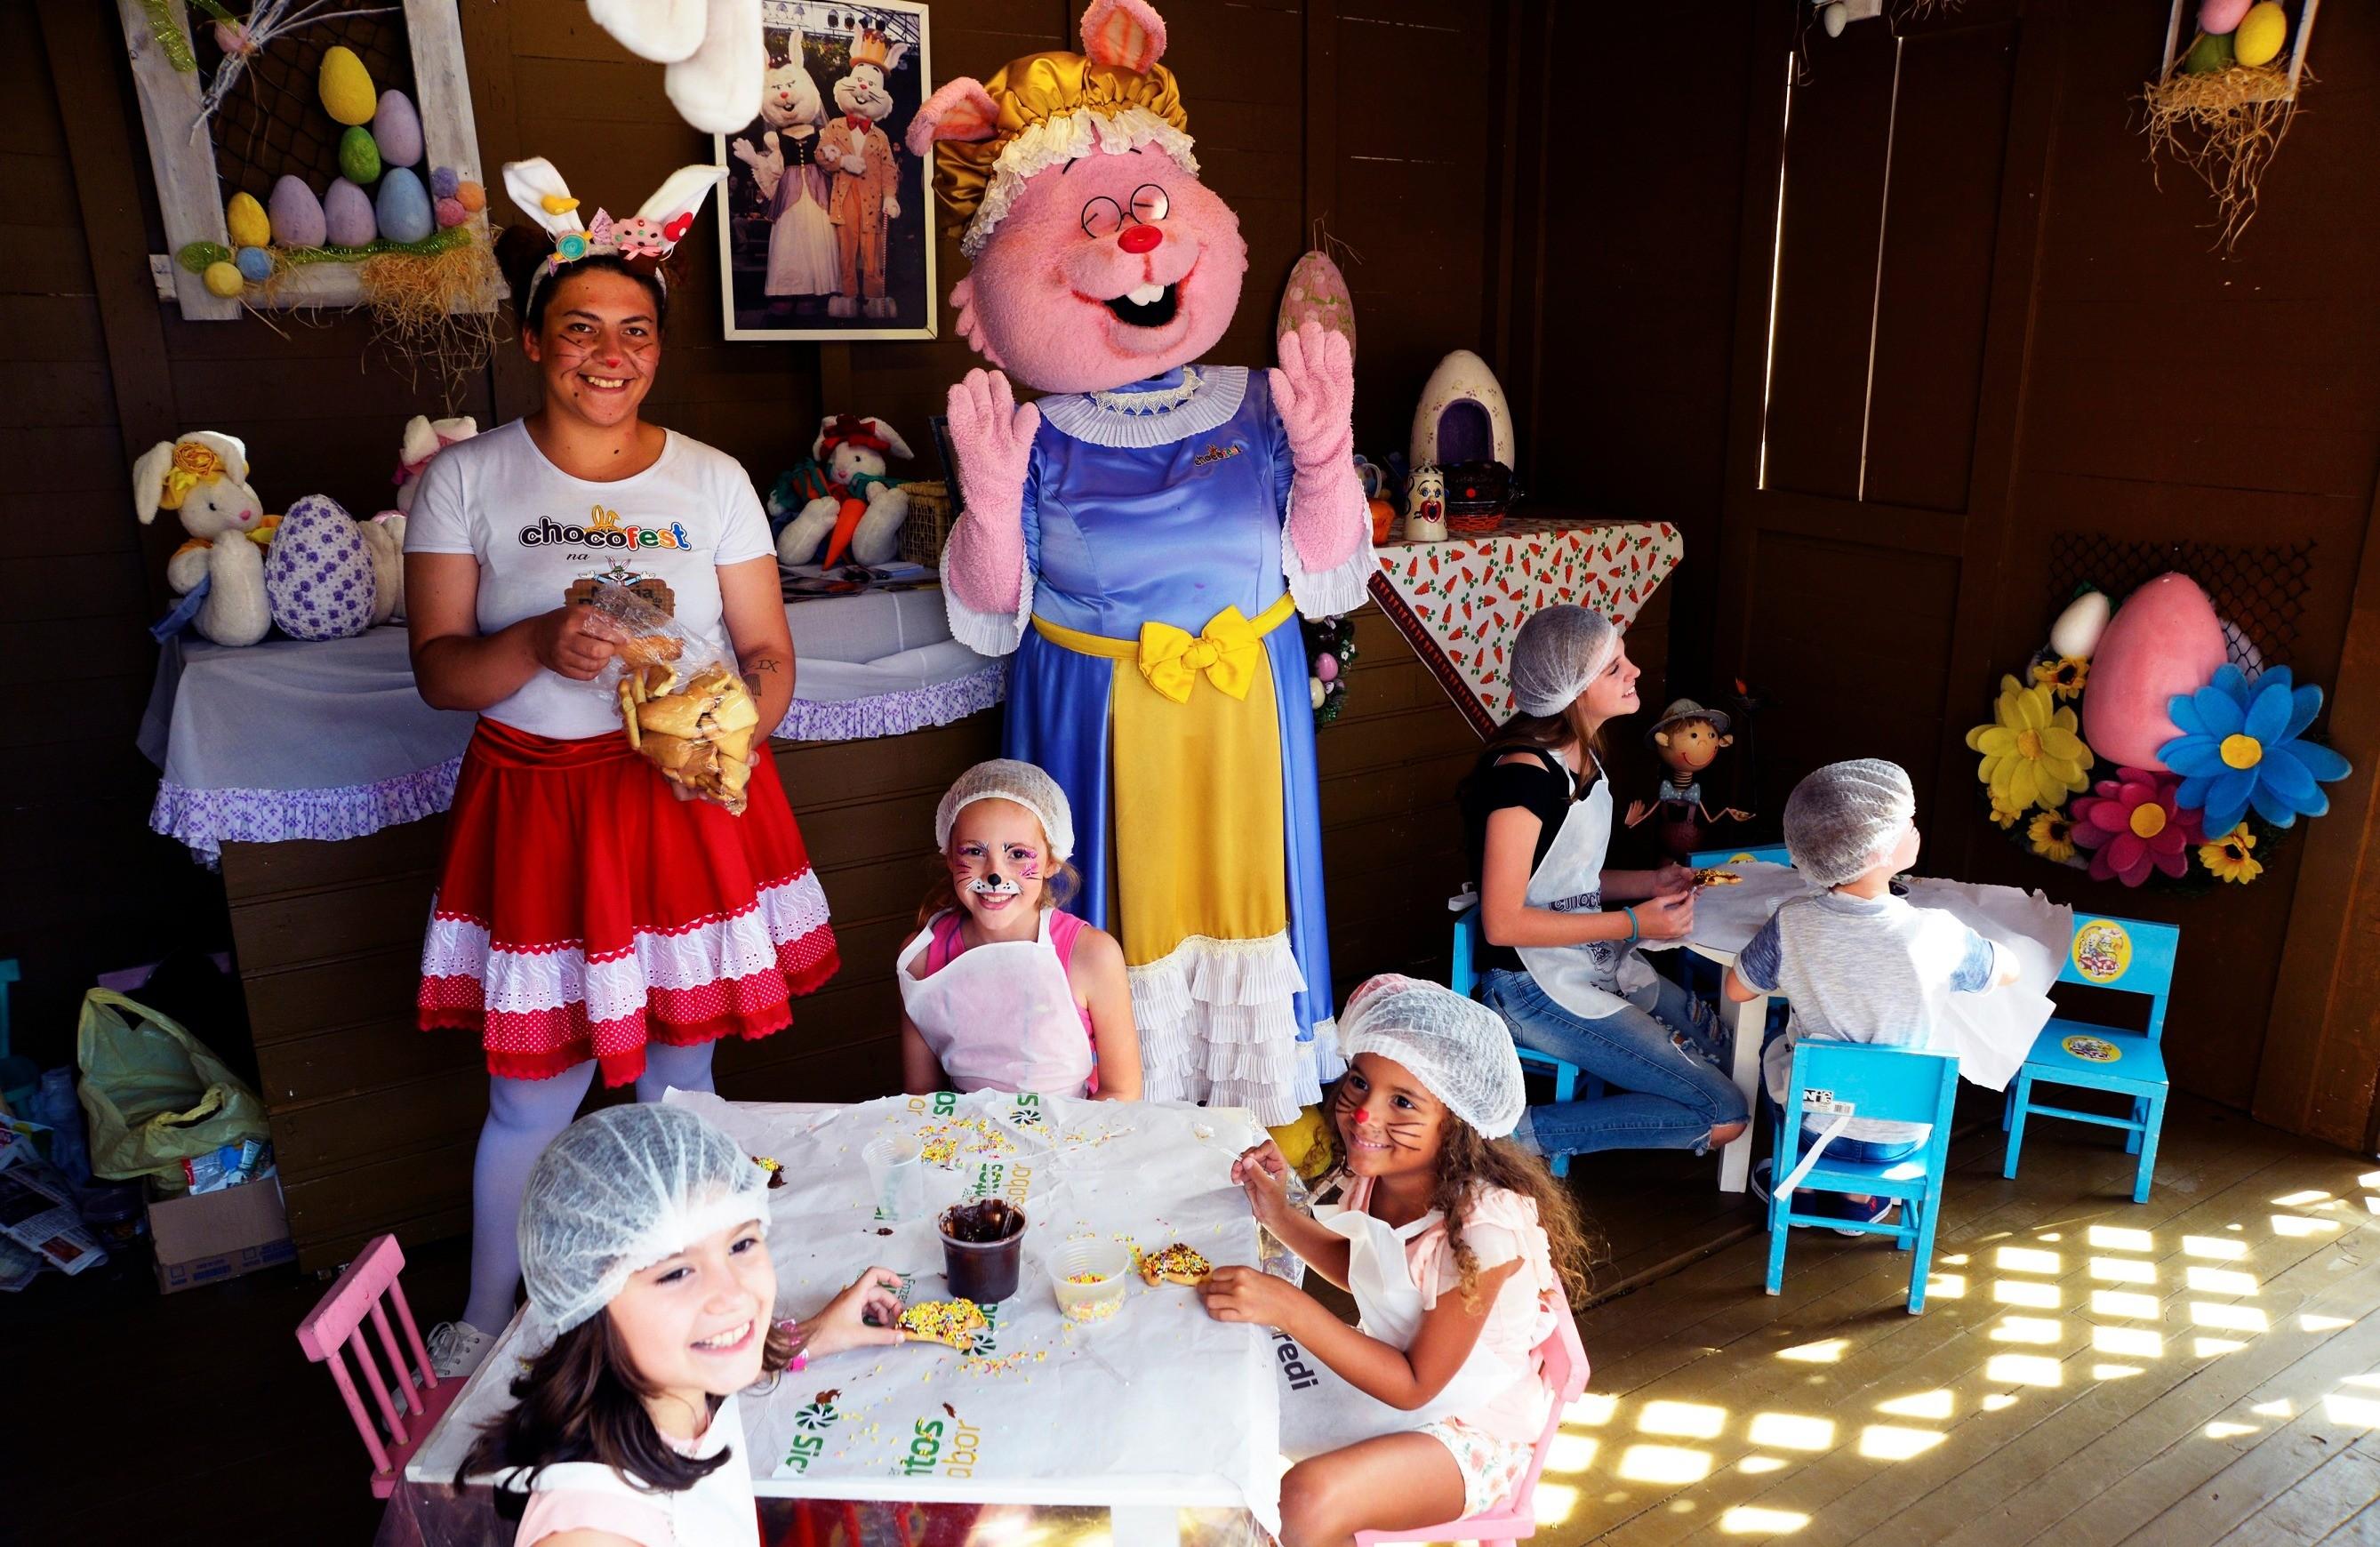 Foto Bauducco levará cenário lúdico para o Chocofest na Magia da Páscoa